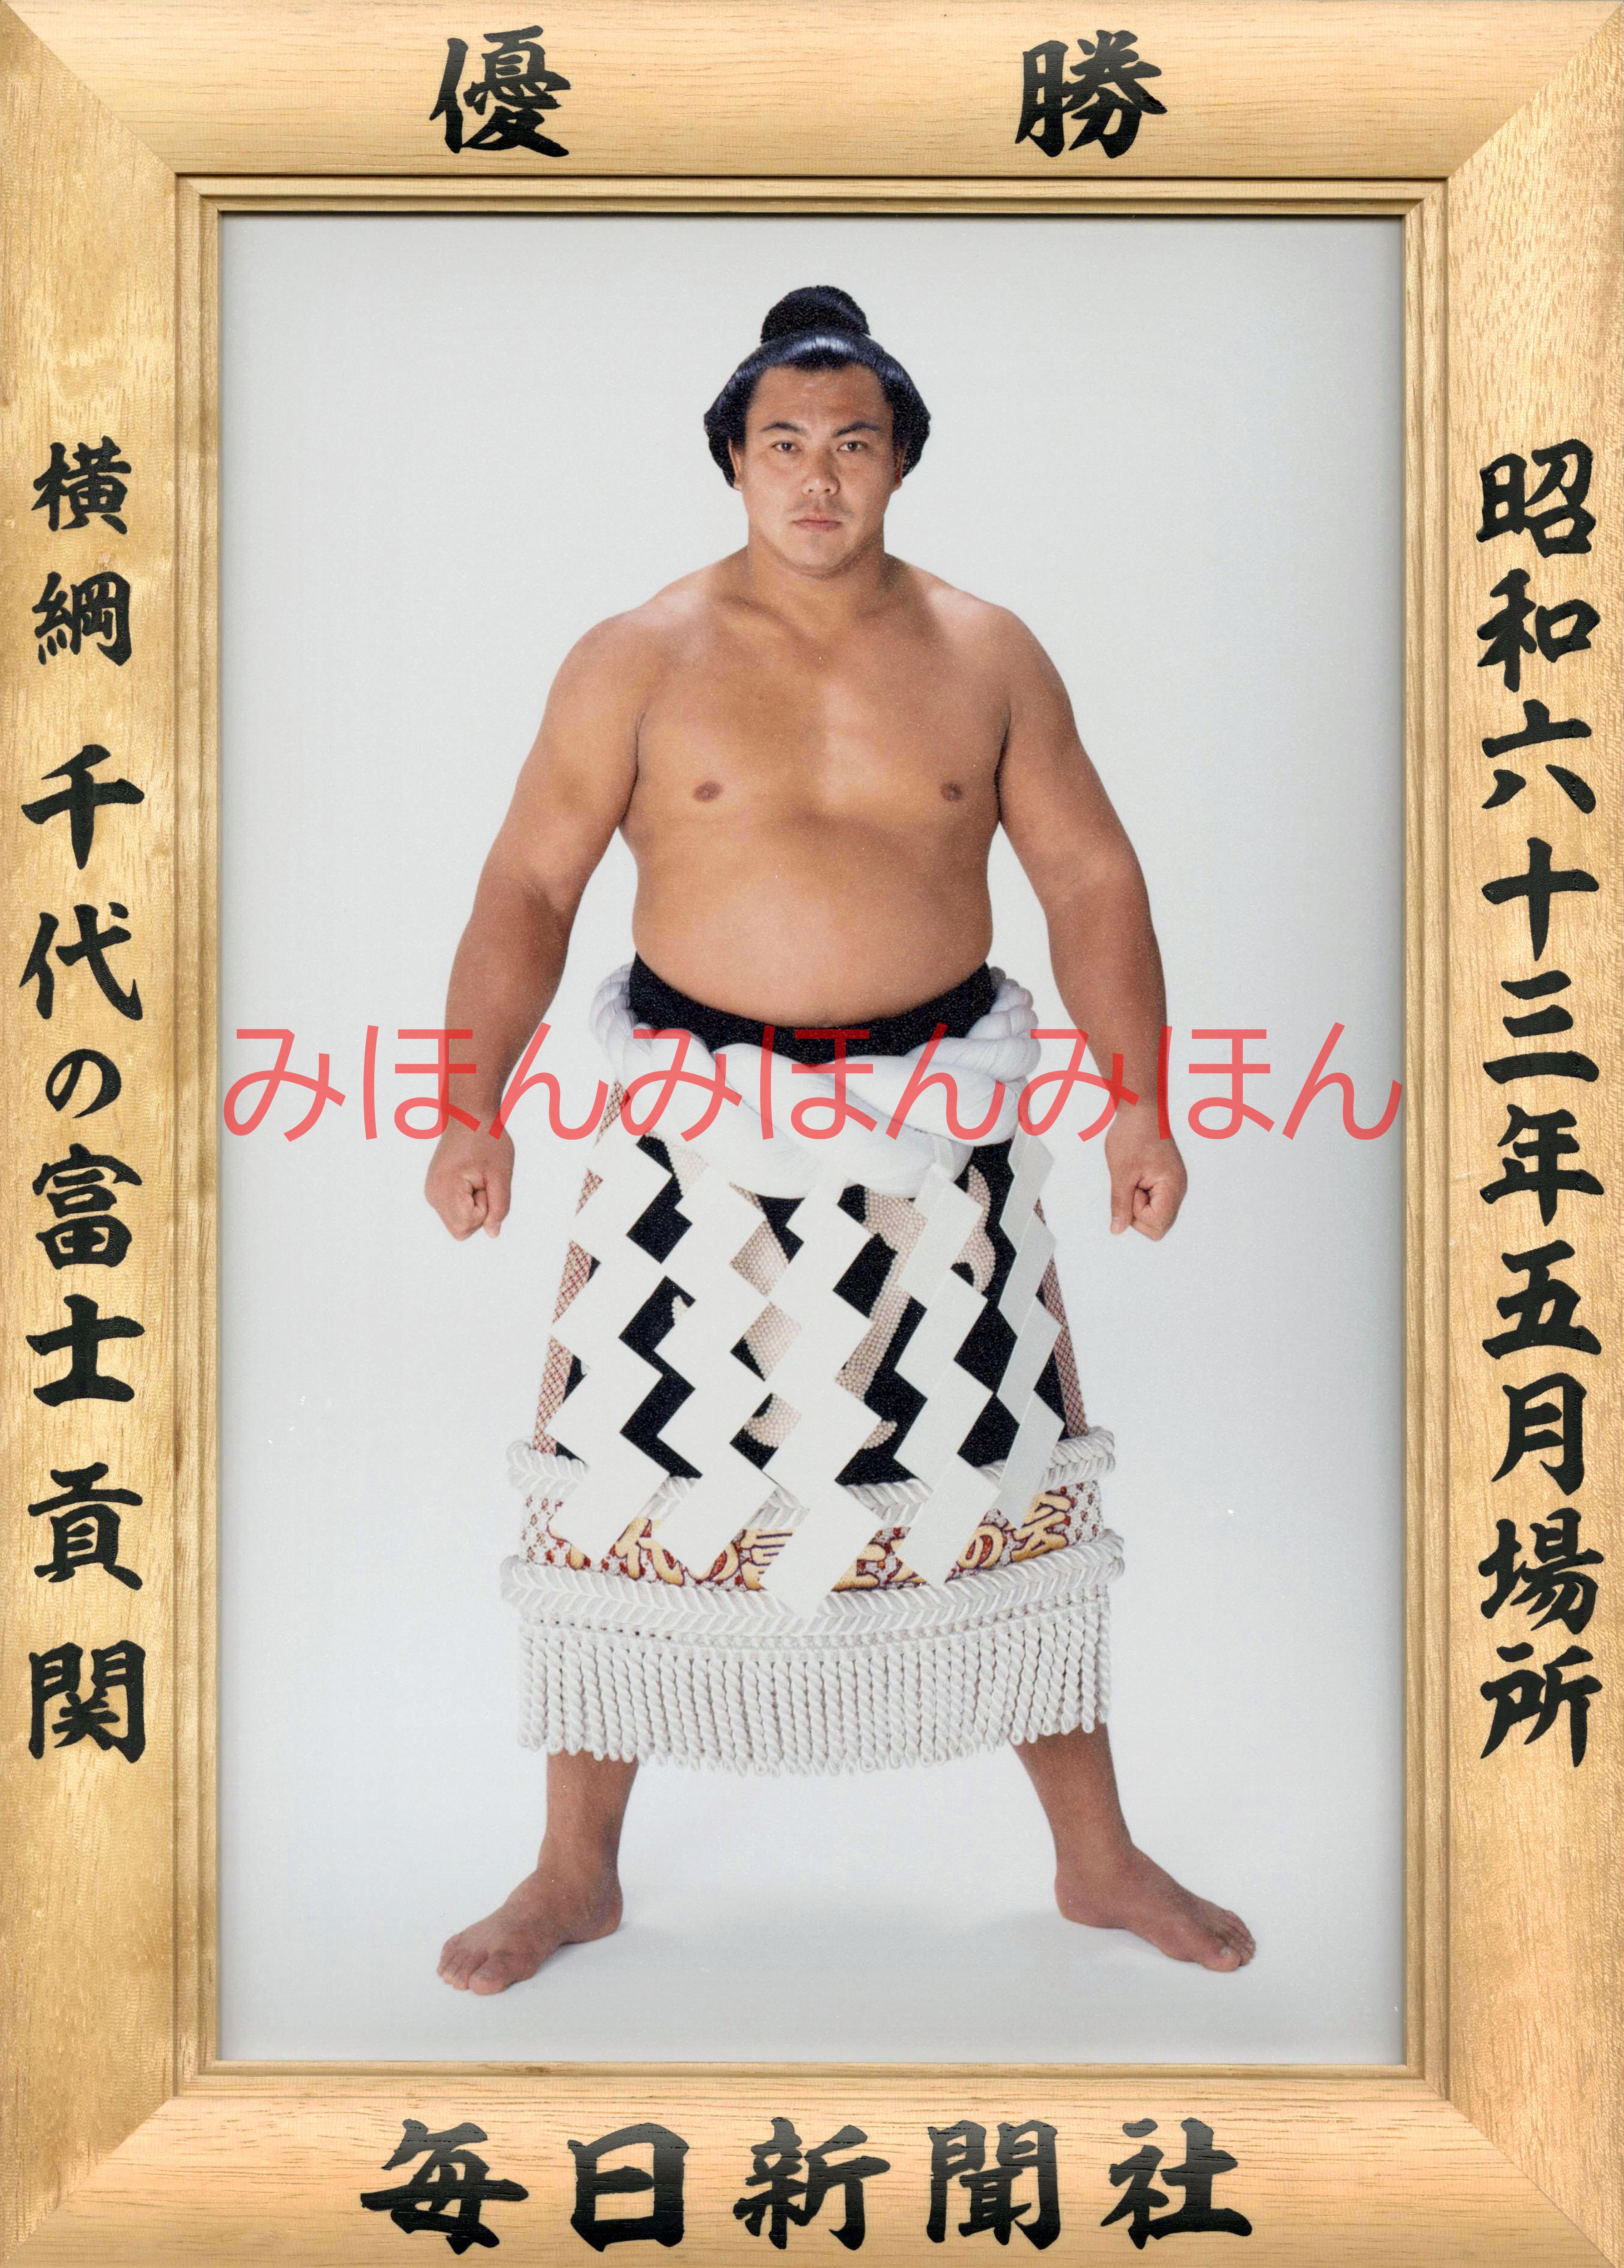 昭和63年5月場所優勝 横綱 千代の富士貢関(23回目の優勝)